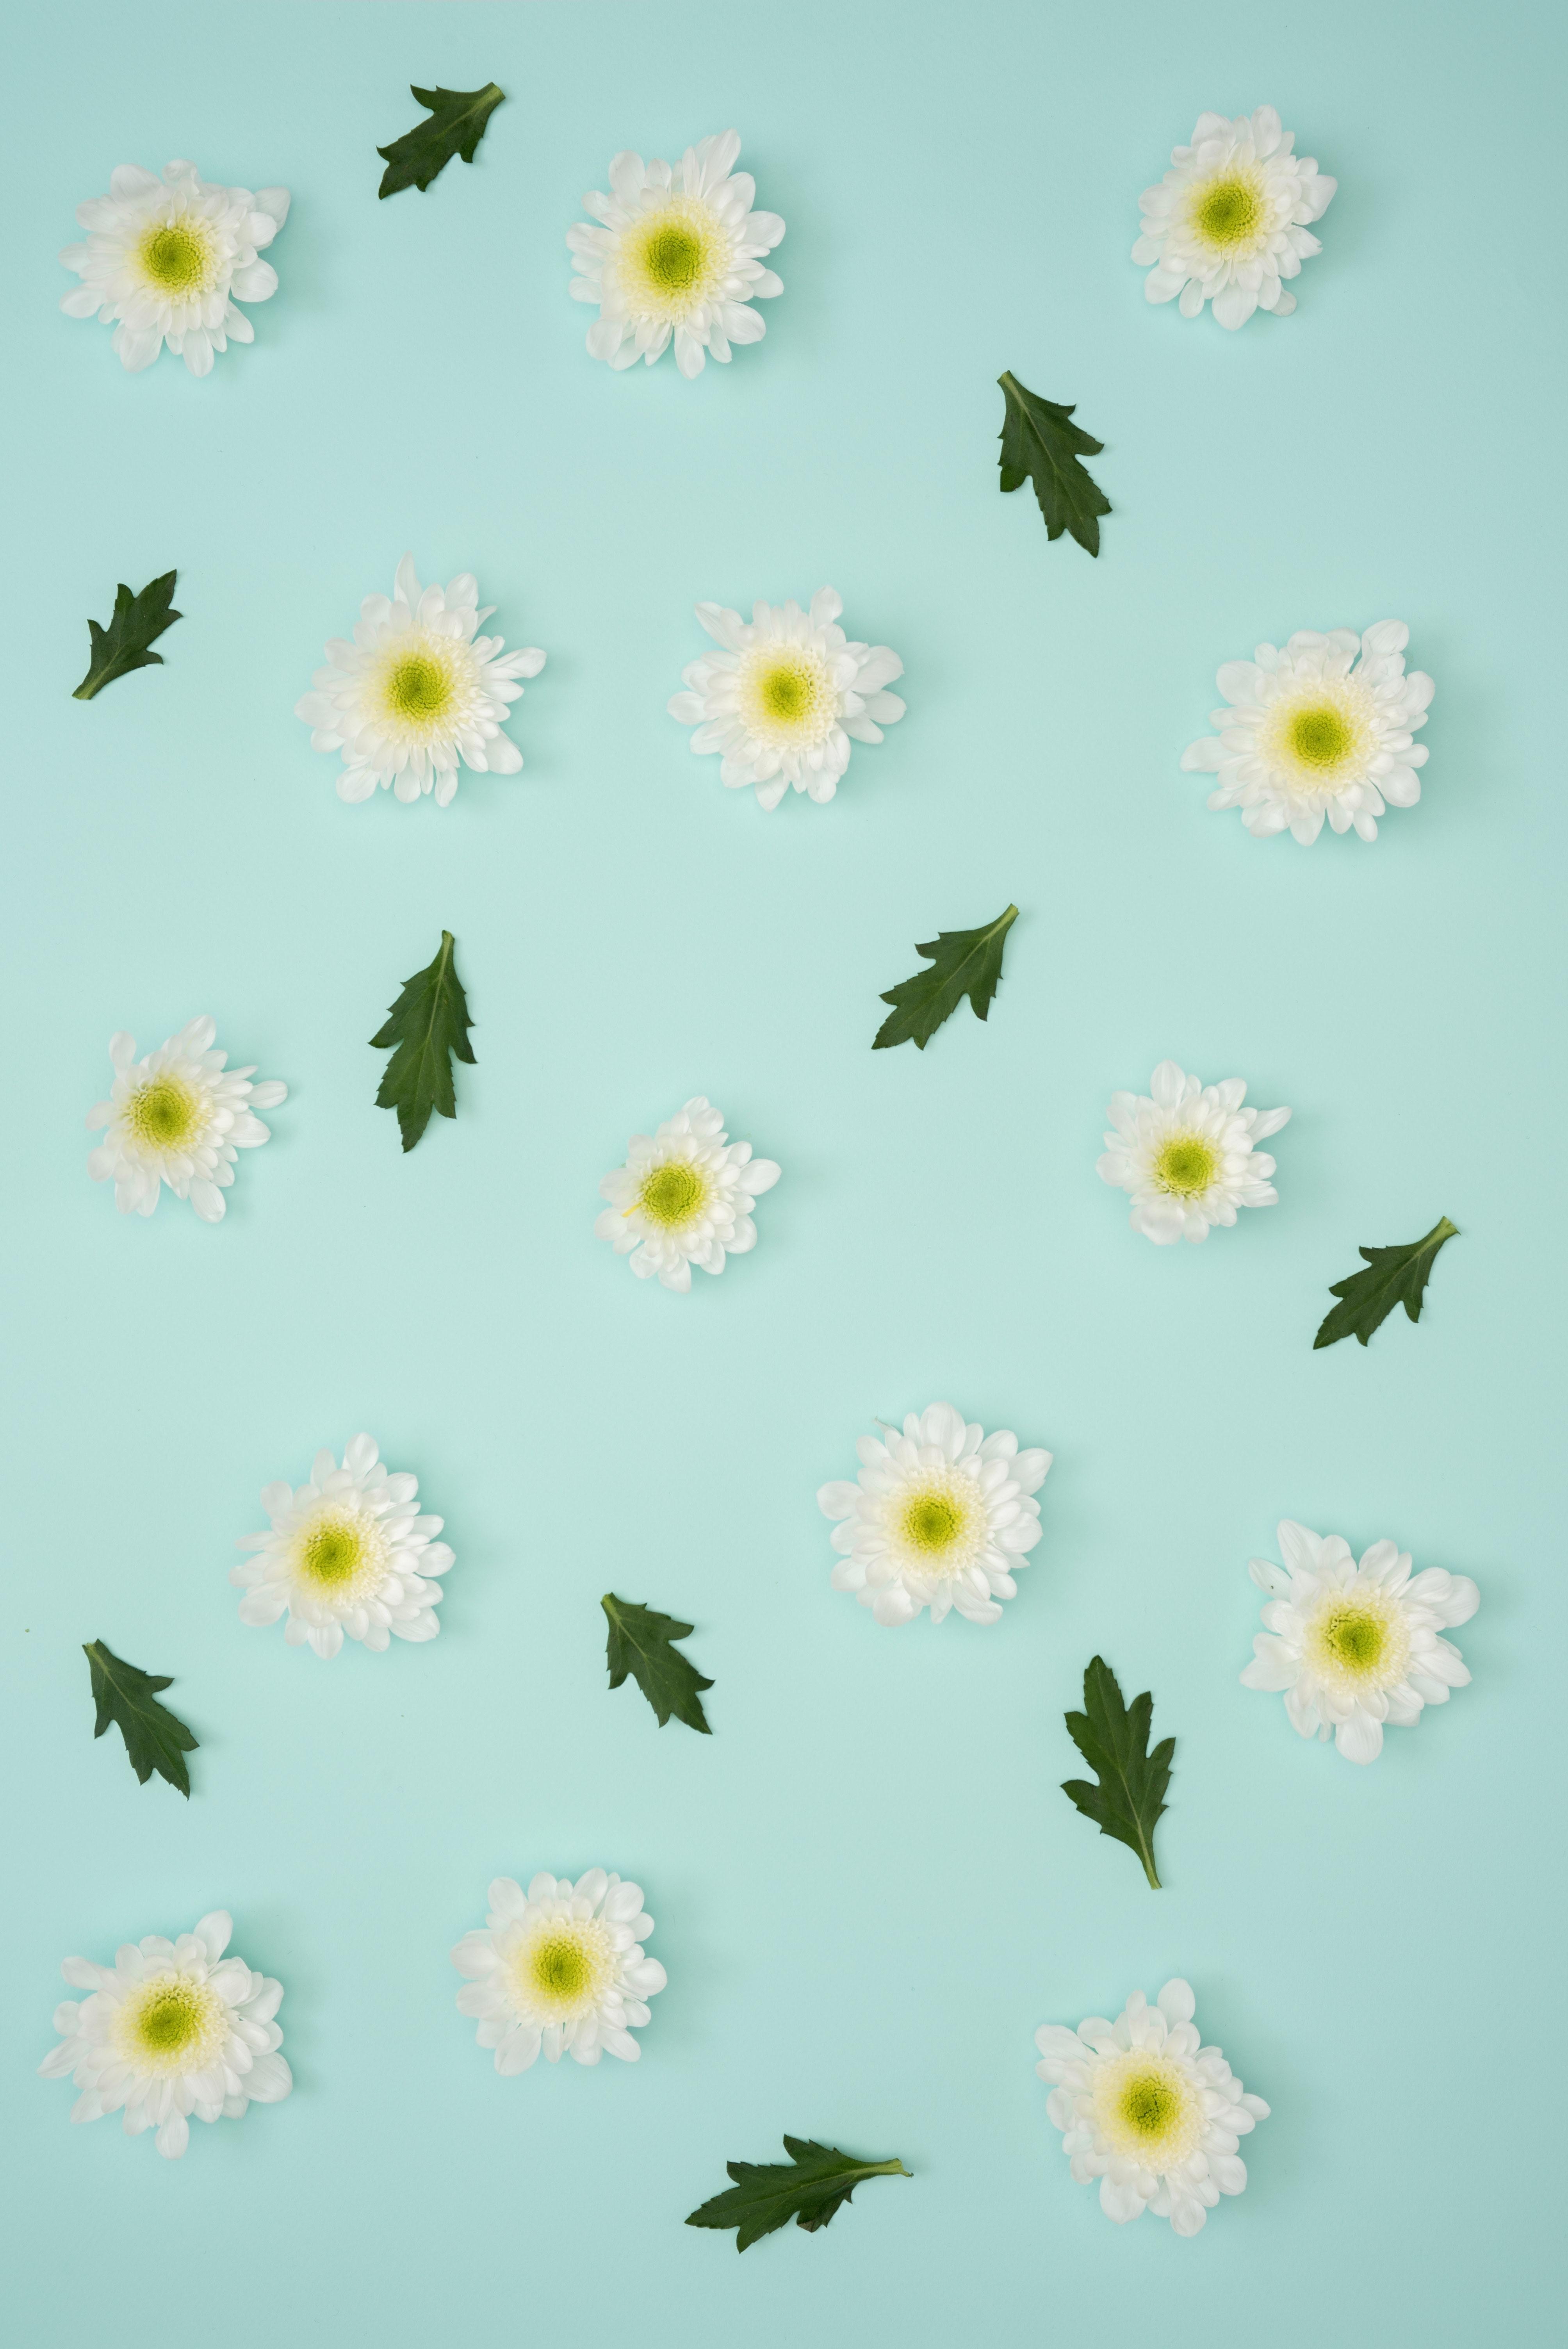 無料の壁紙をダウンロード100702:携帯電話用のミニマリズム, カモミール, 葉, パステル壁紙